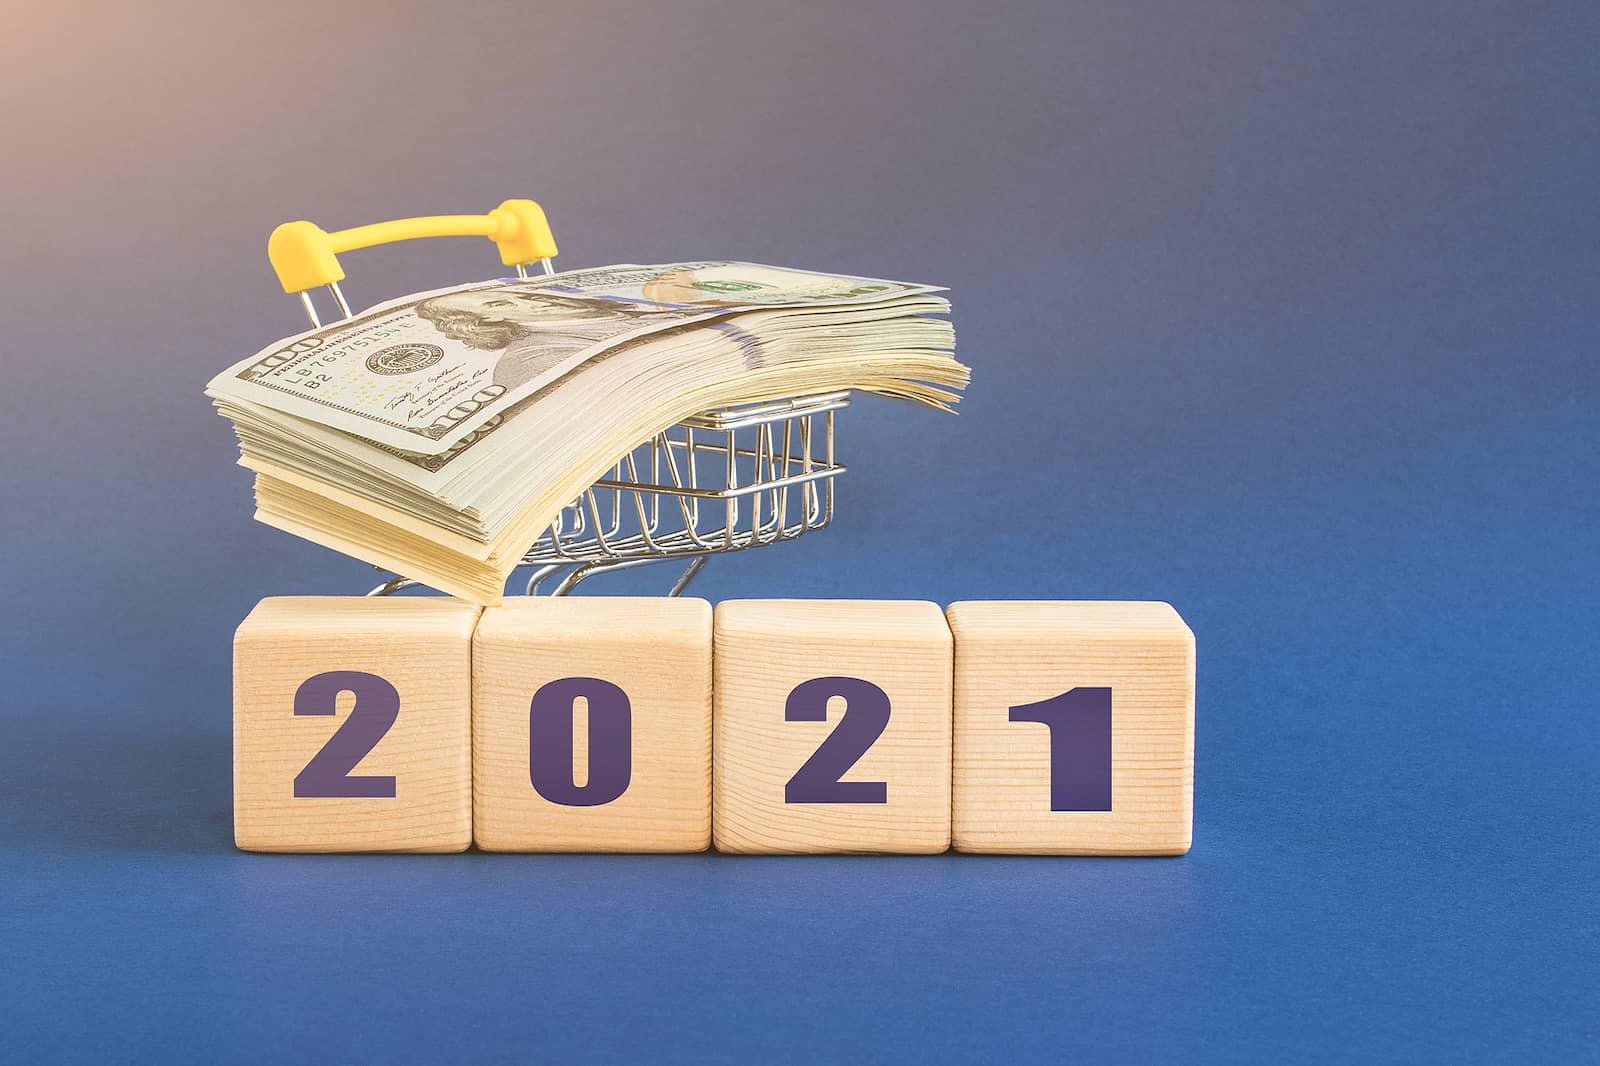 xu hướng đầu tư năm 2021